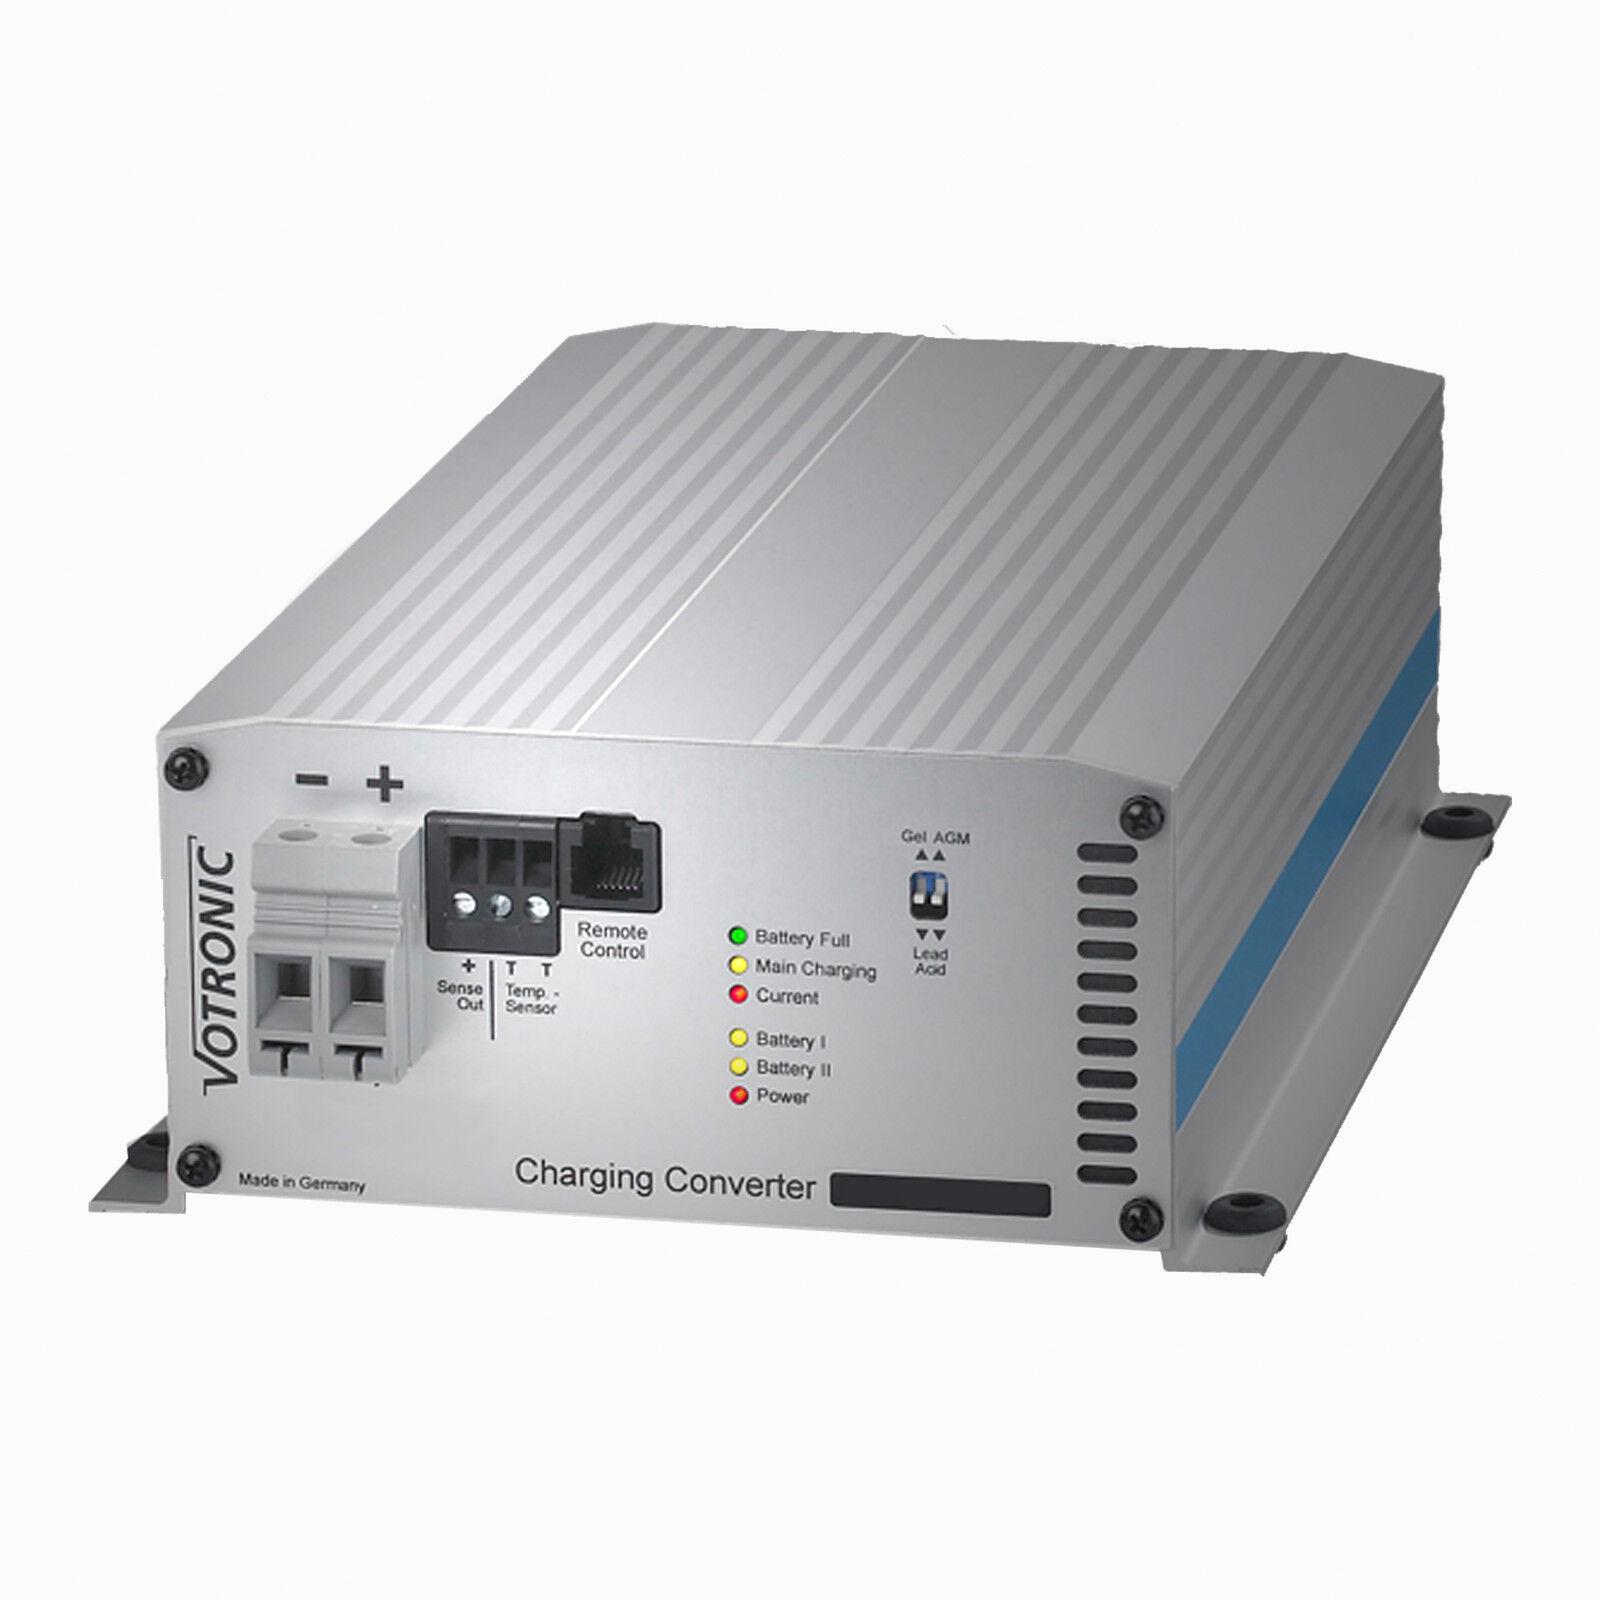 Votronic VCC 2412-45 Batterie IU Ladewandler Batterie 2412-45 zu Batterie Lader B2B Ladegerät 3a4c8a